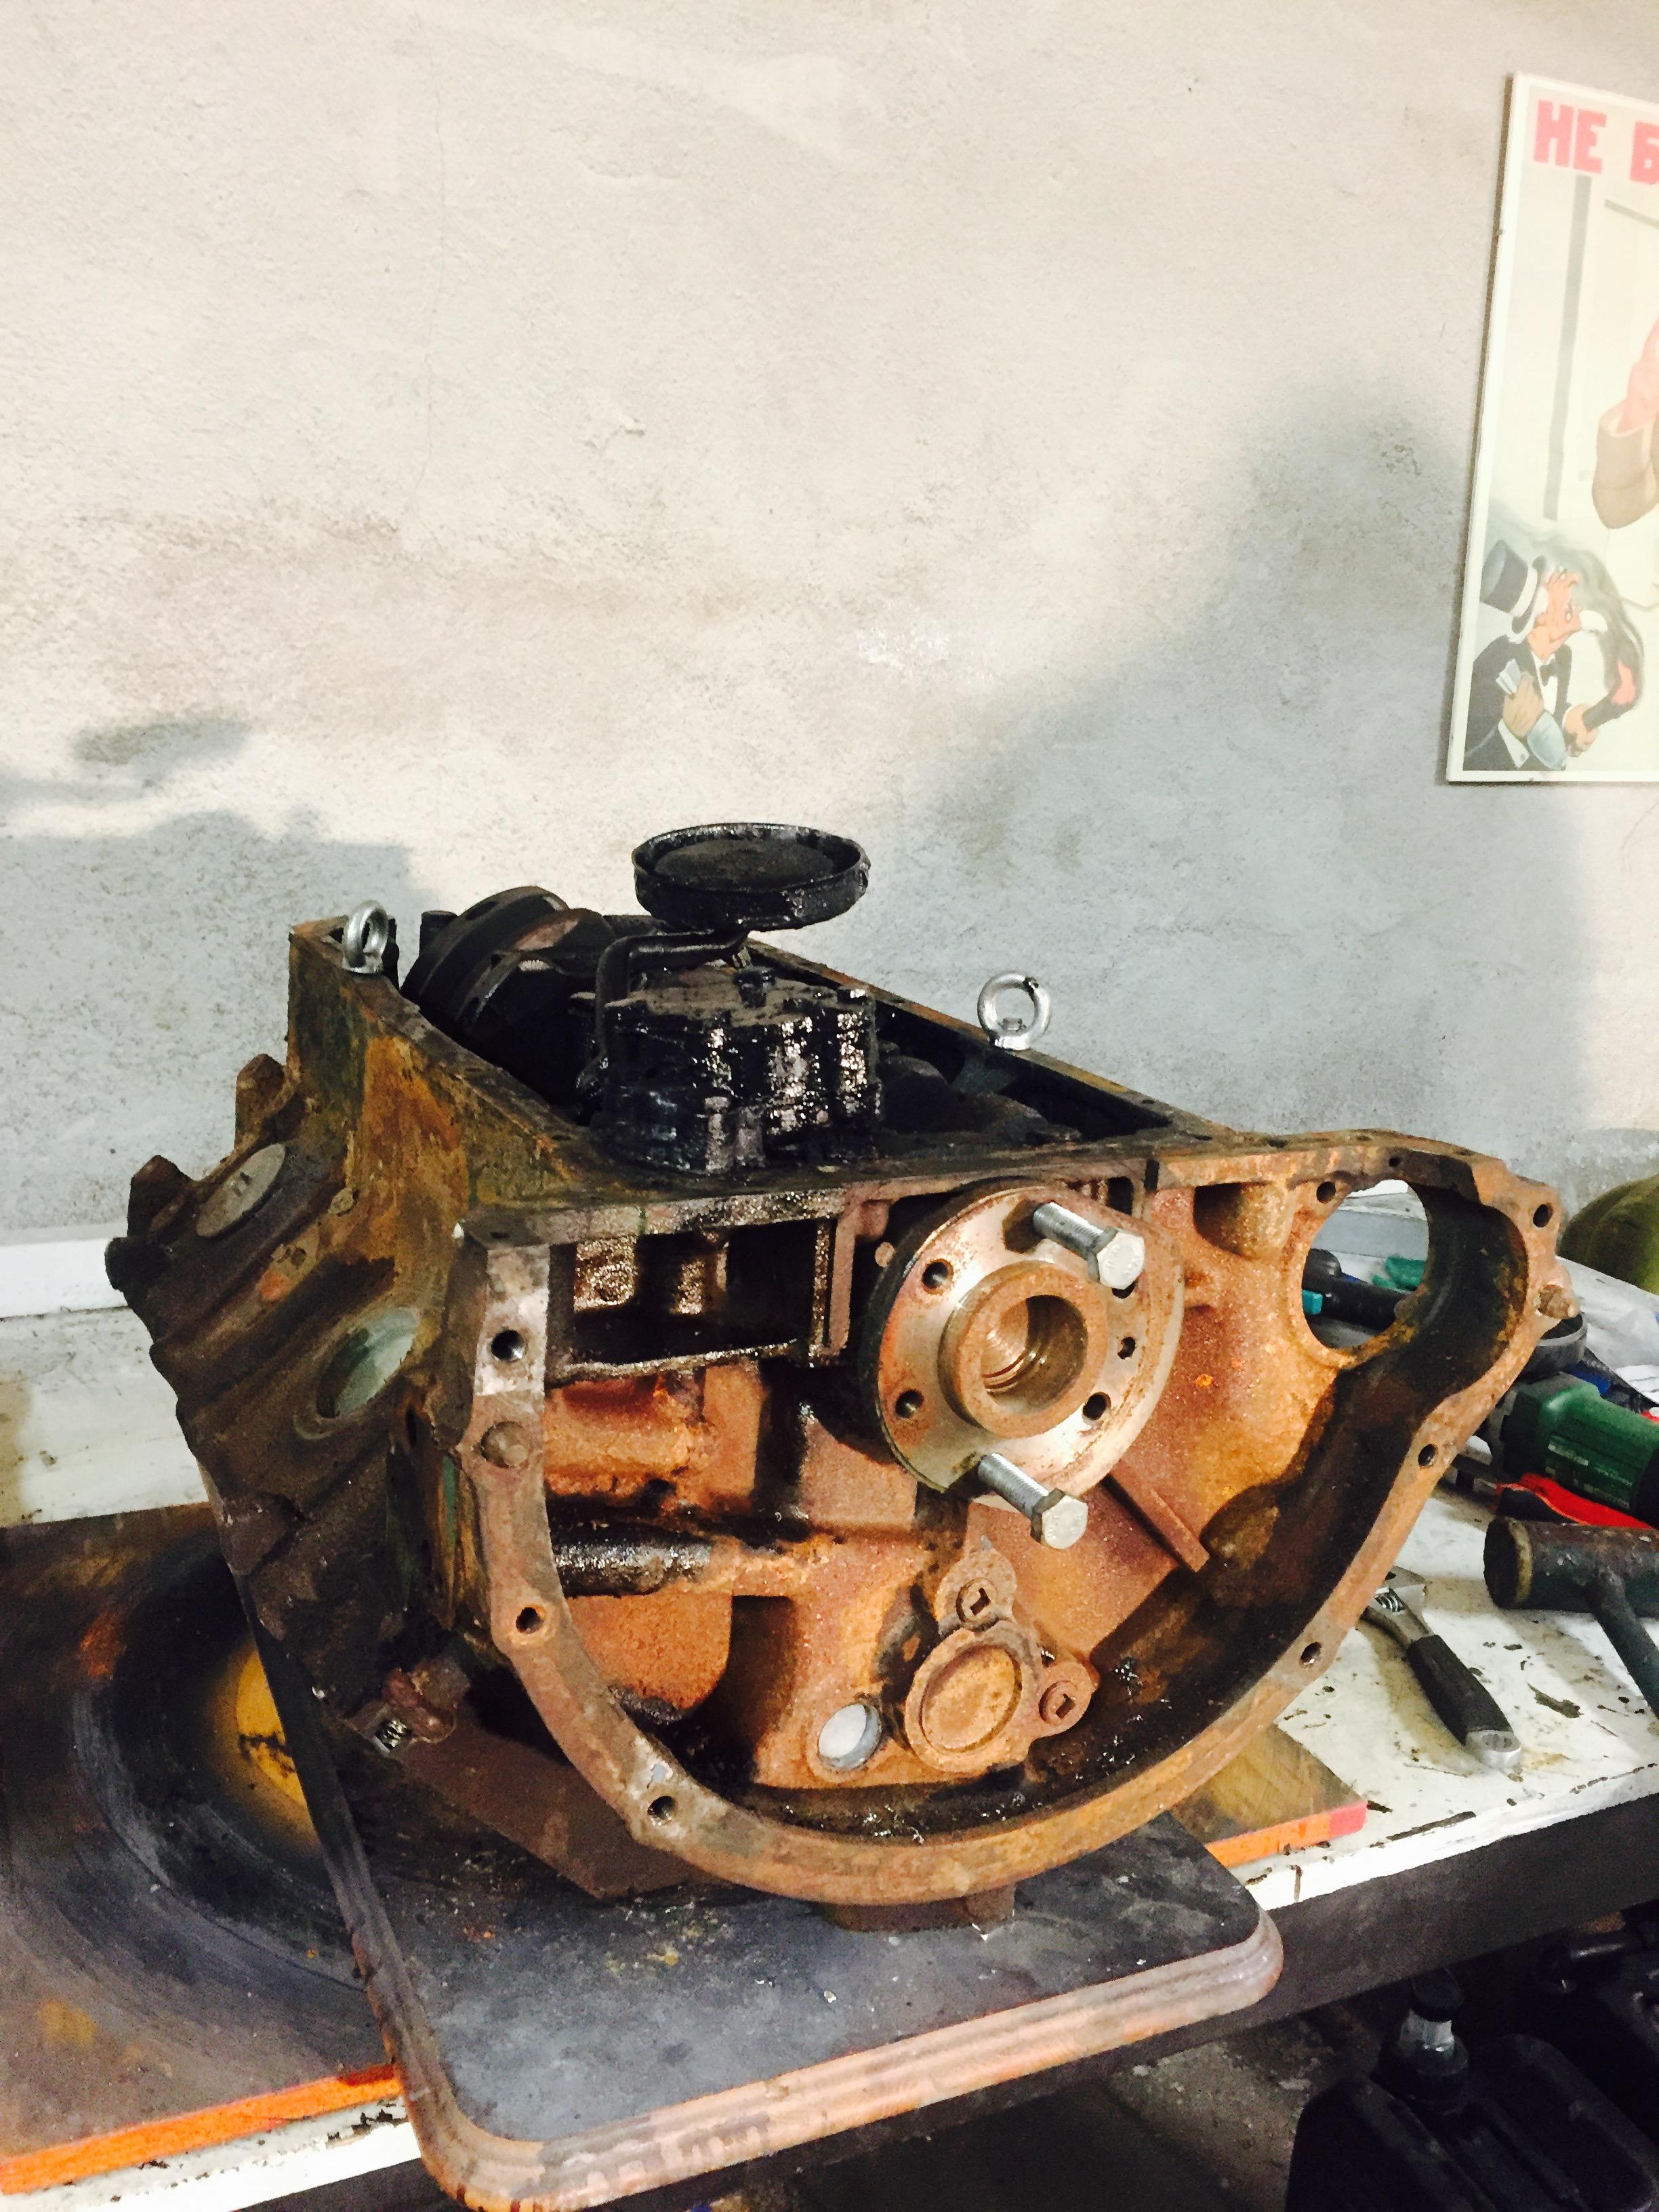 Old V8 Motor